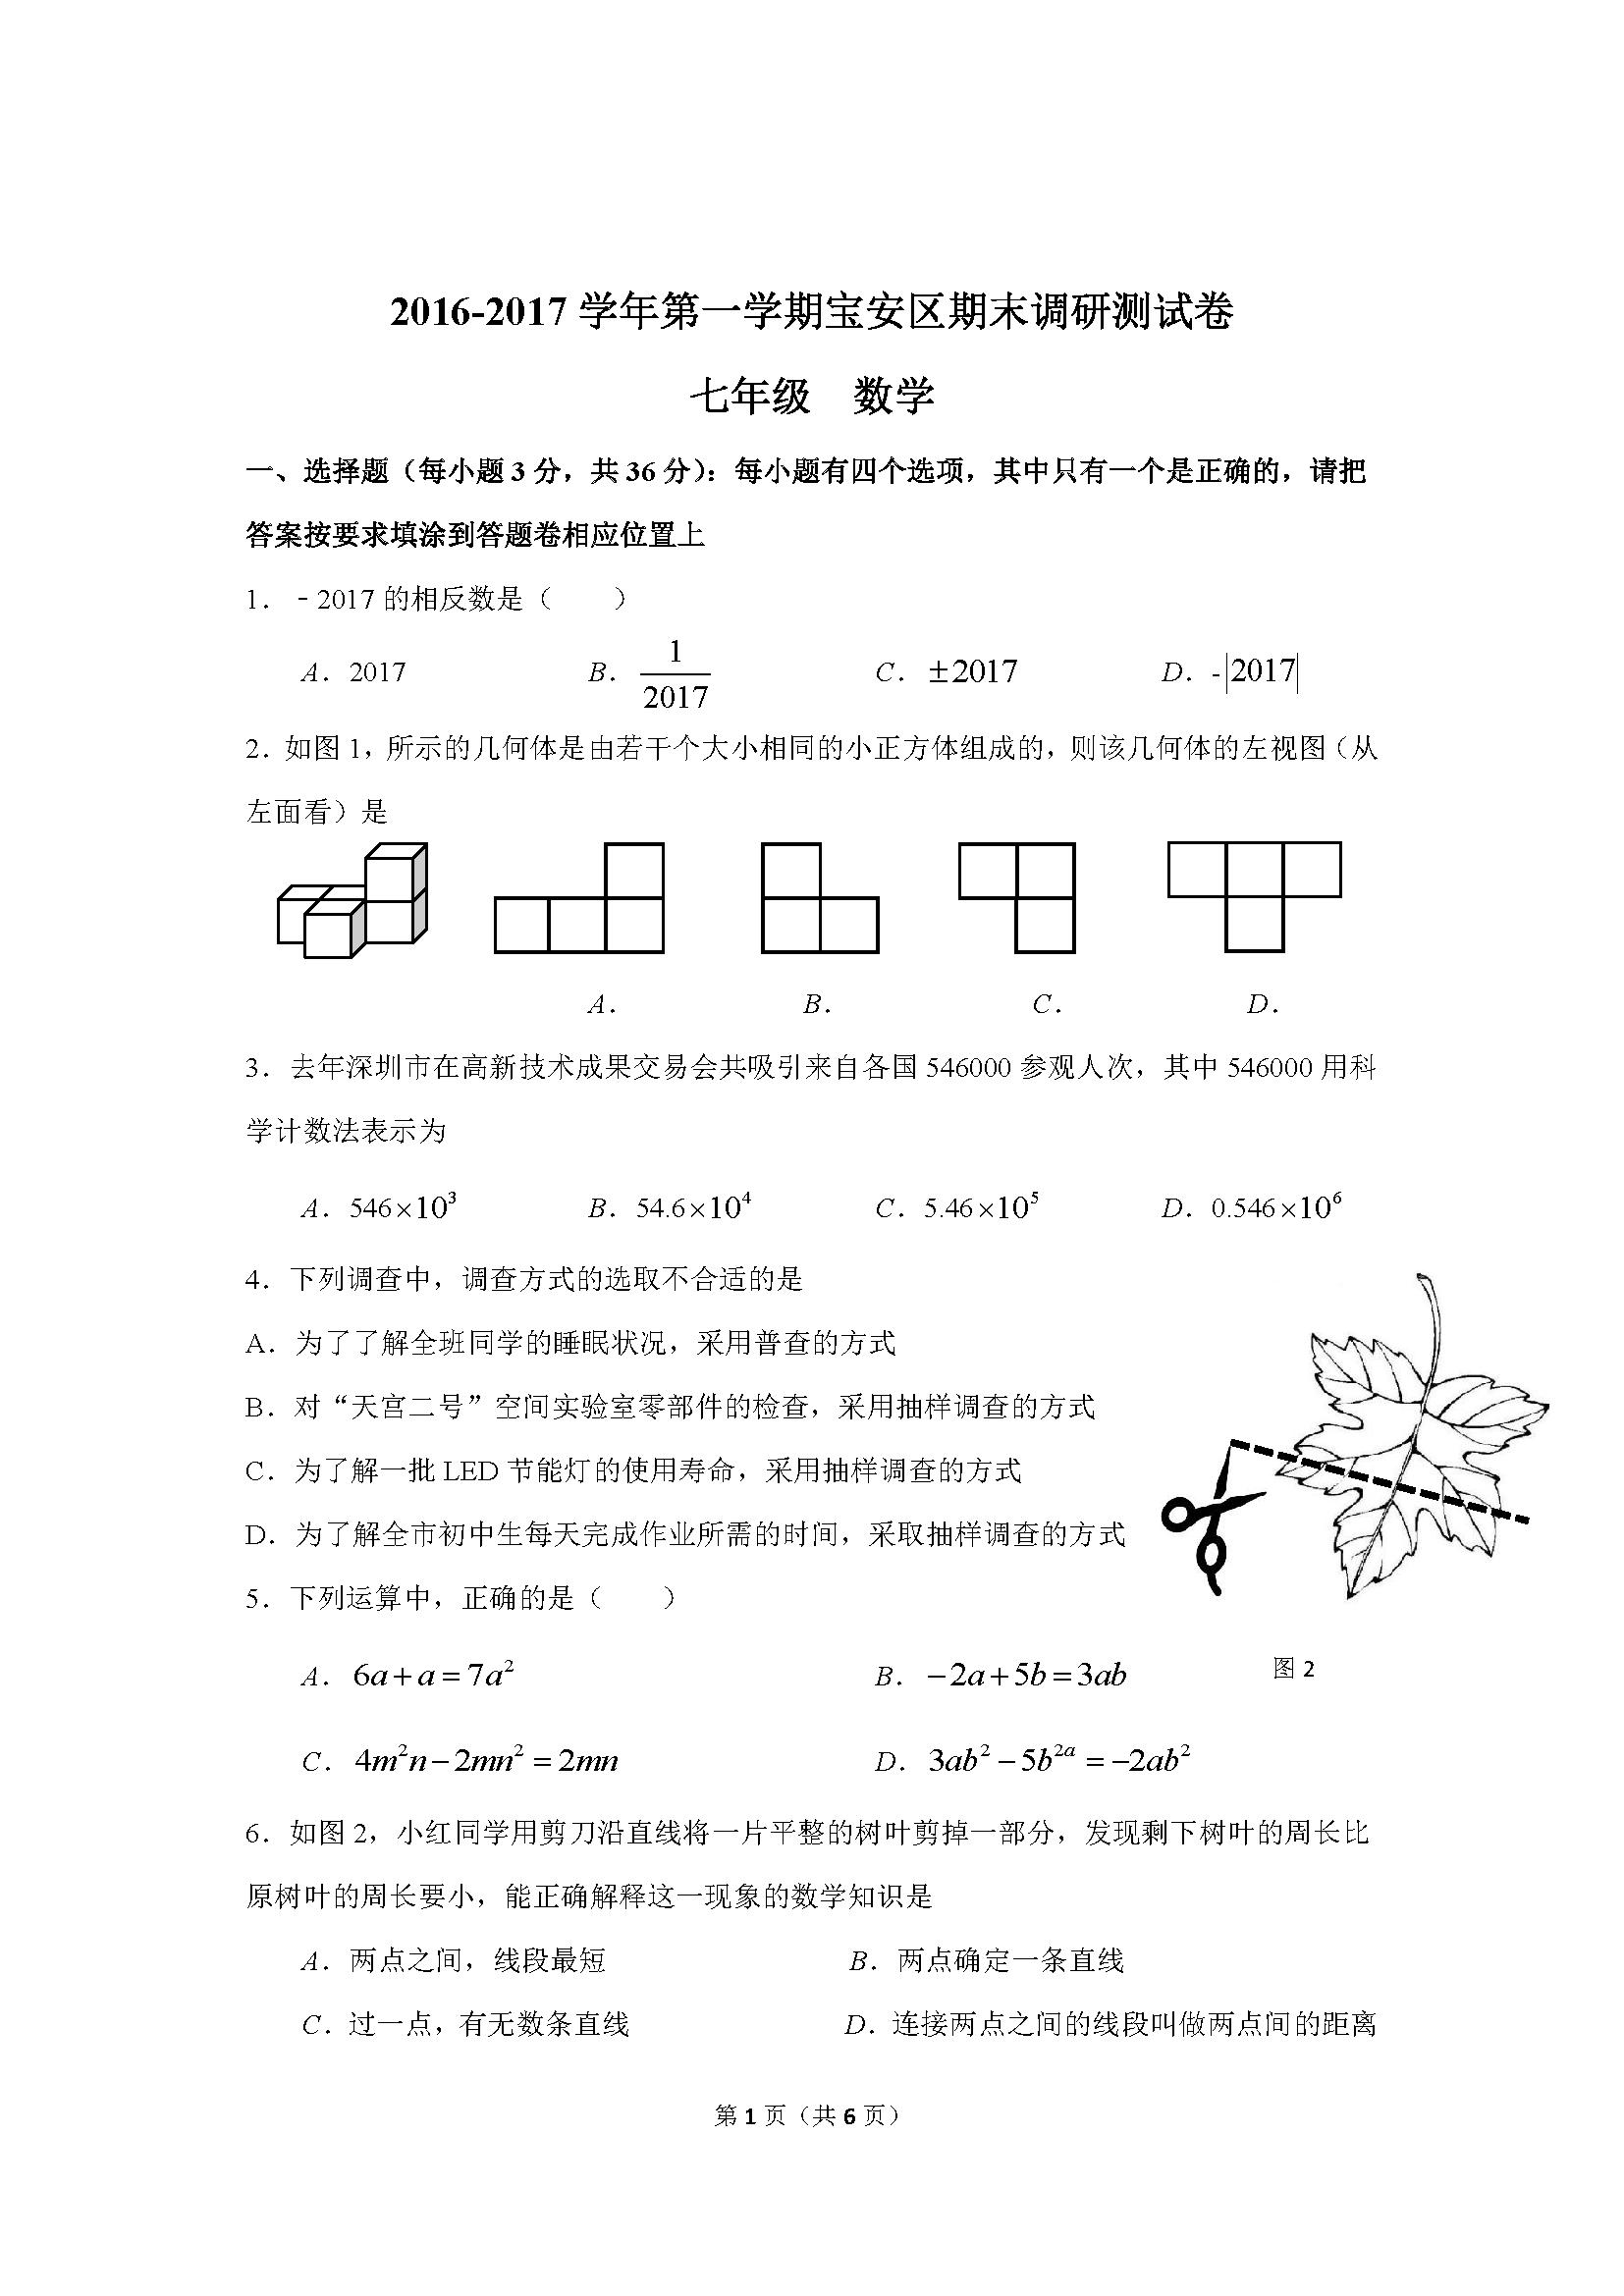 七年级上学期数学卷_广东深圳宝安2016-2017学年七年级上学期期末数学试题(图片版